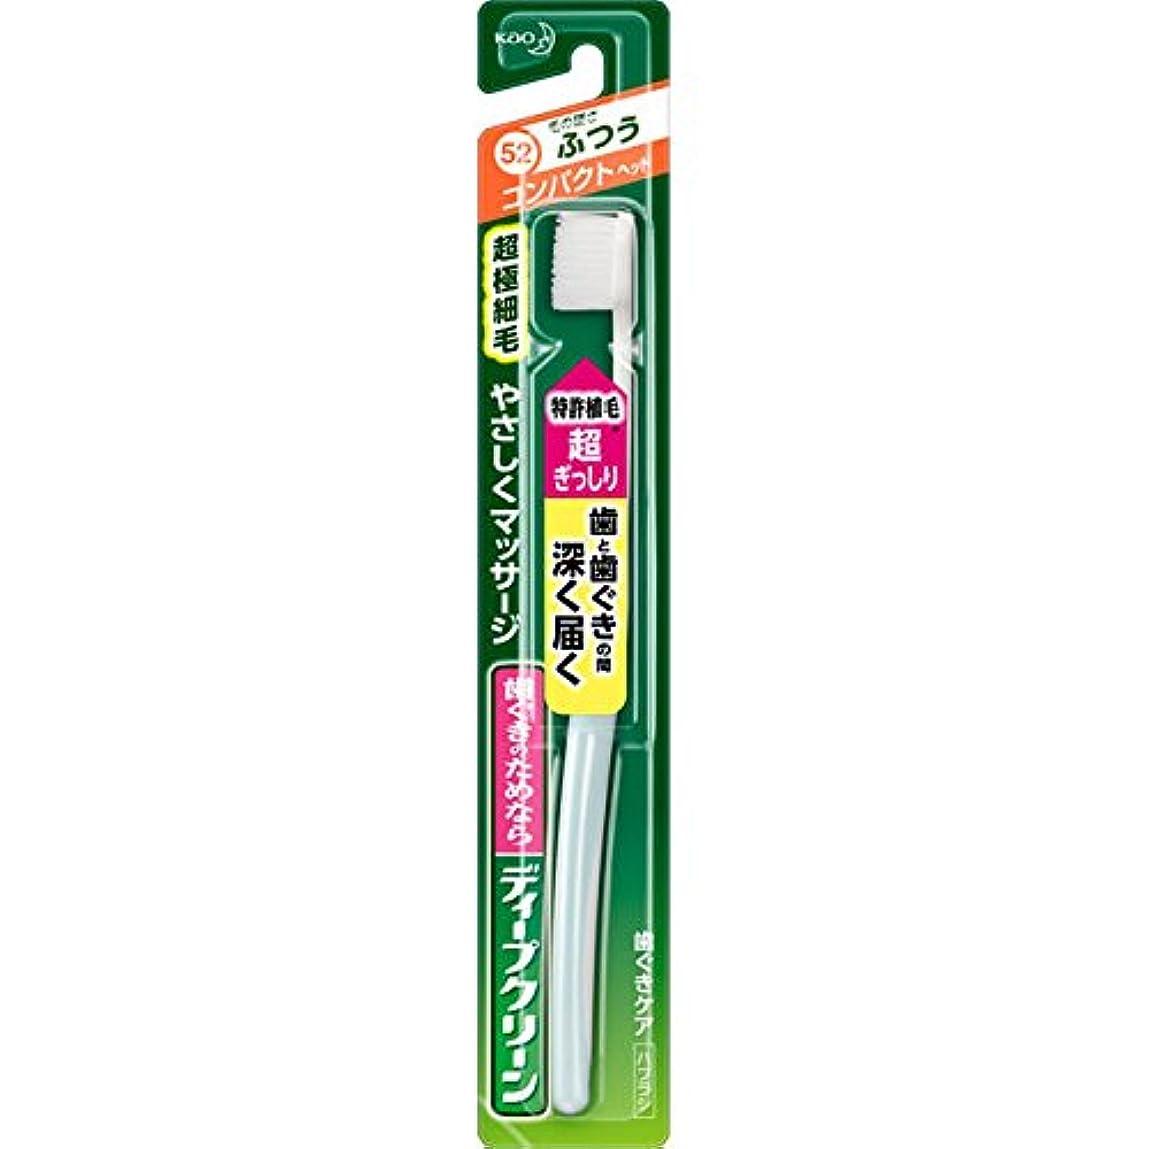 ウォーターフロントファイター吸収剤花王 ディープクリーン ハブラシ コンパクト ふつう 1ホン